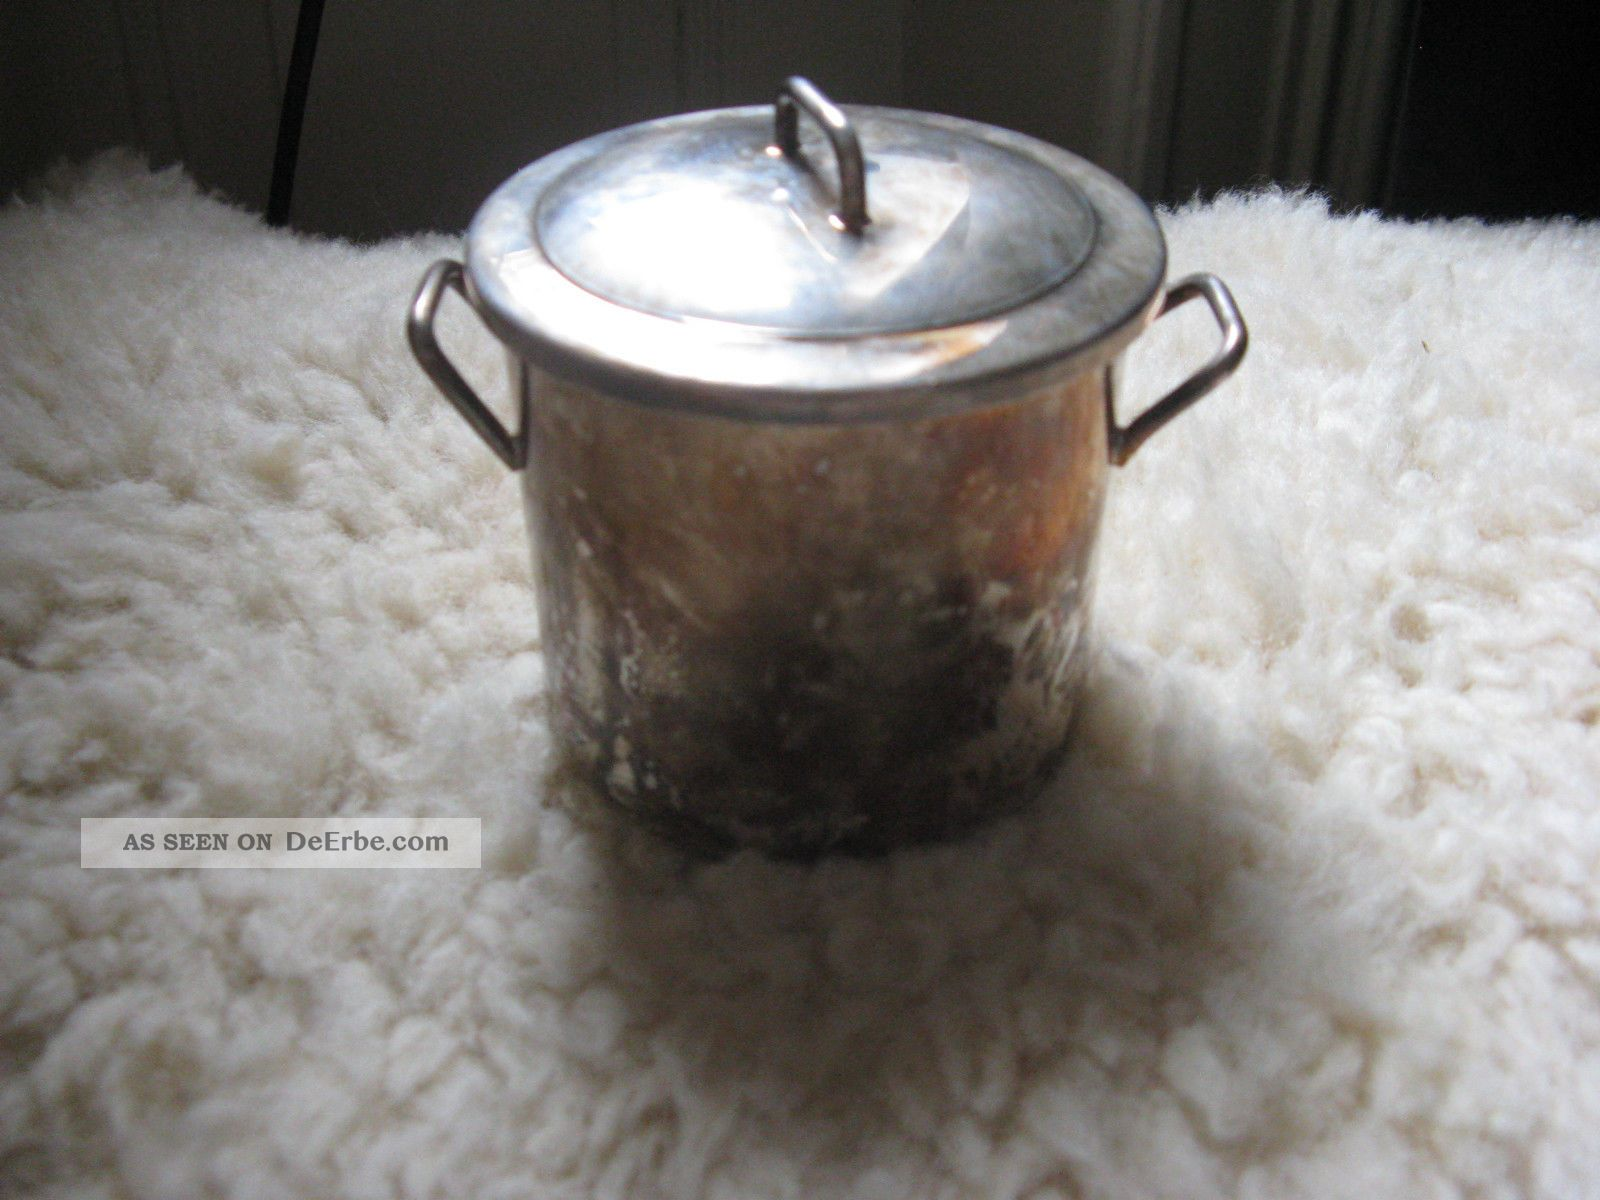 Versilberte Oder Silber Töpfchen Mit Einsatzschälchen - Orfevrerie France Objekte vor 1945 Bild